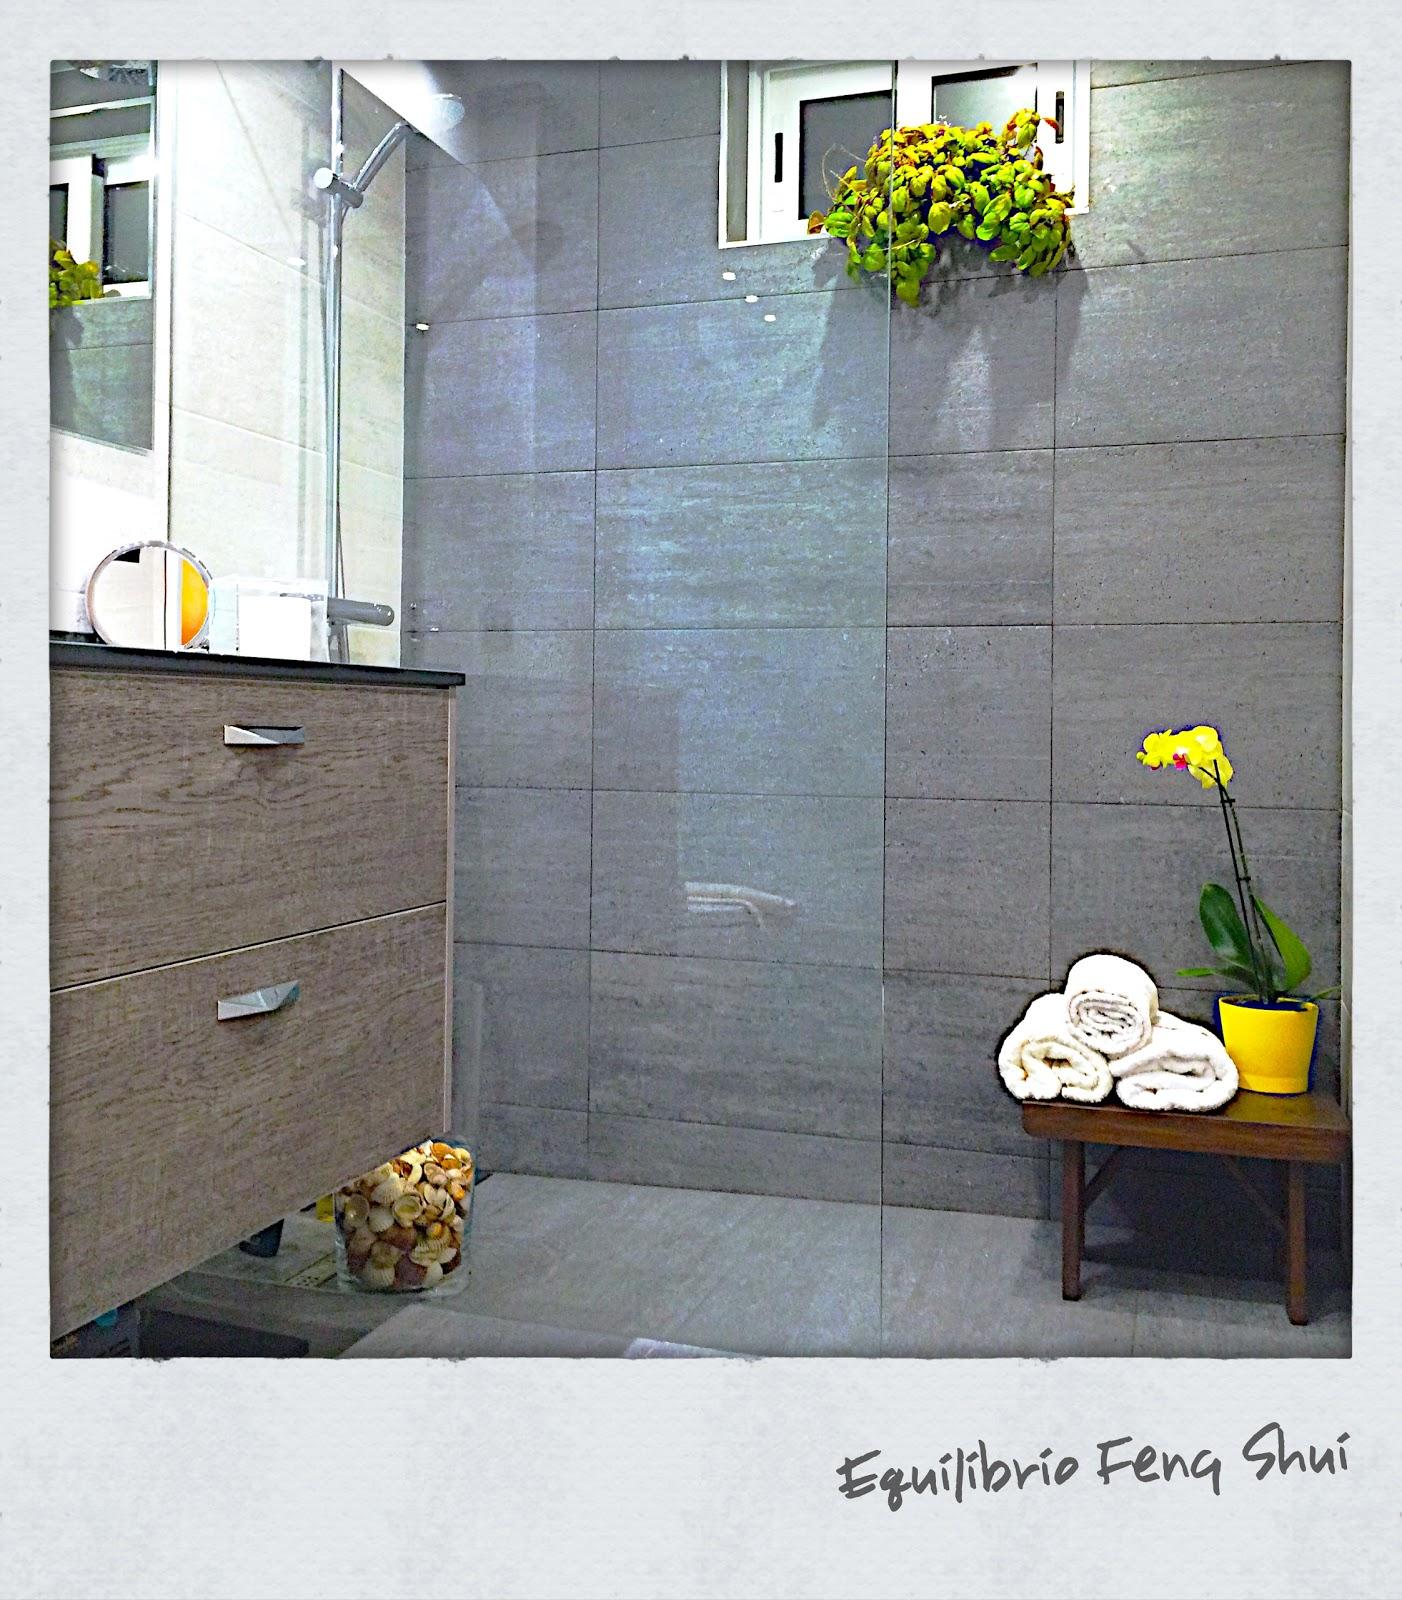 Equilibrio Feng Shui: baño